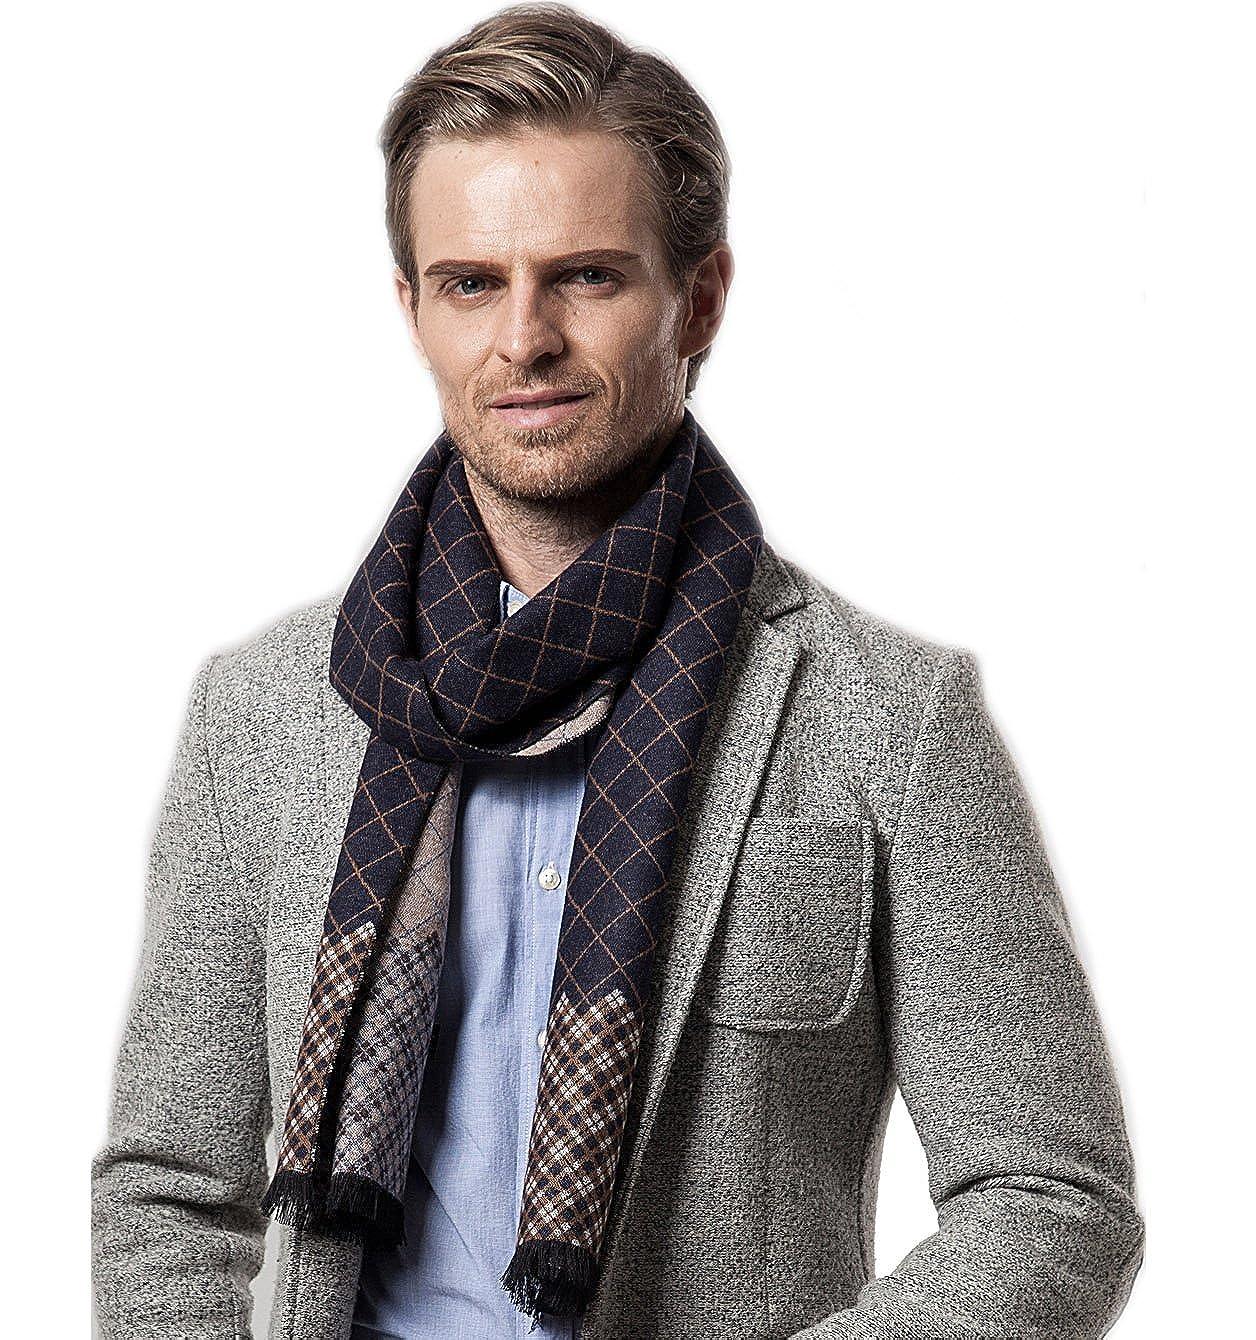 Bufanda de Hombre la tela escocesa cozy Abrigo Del Mantón cuello bufanda Regalos para Hombre